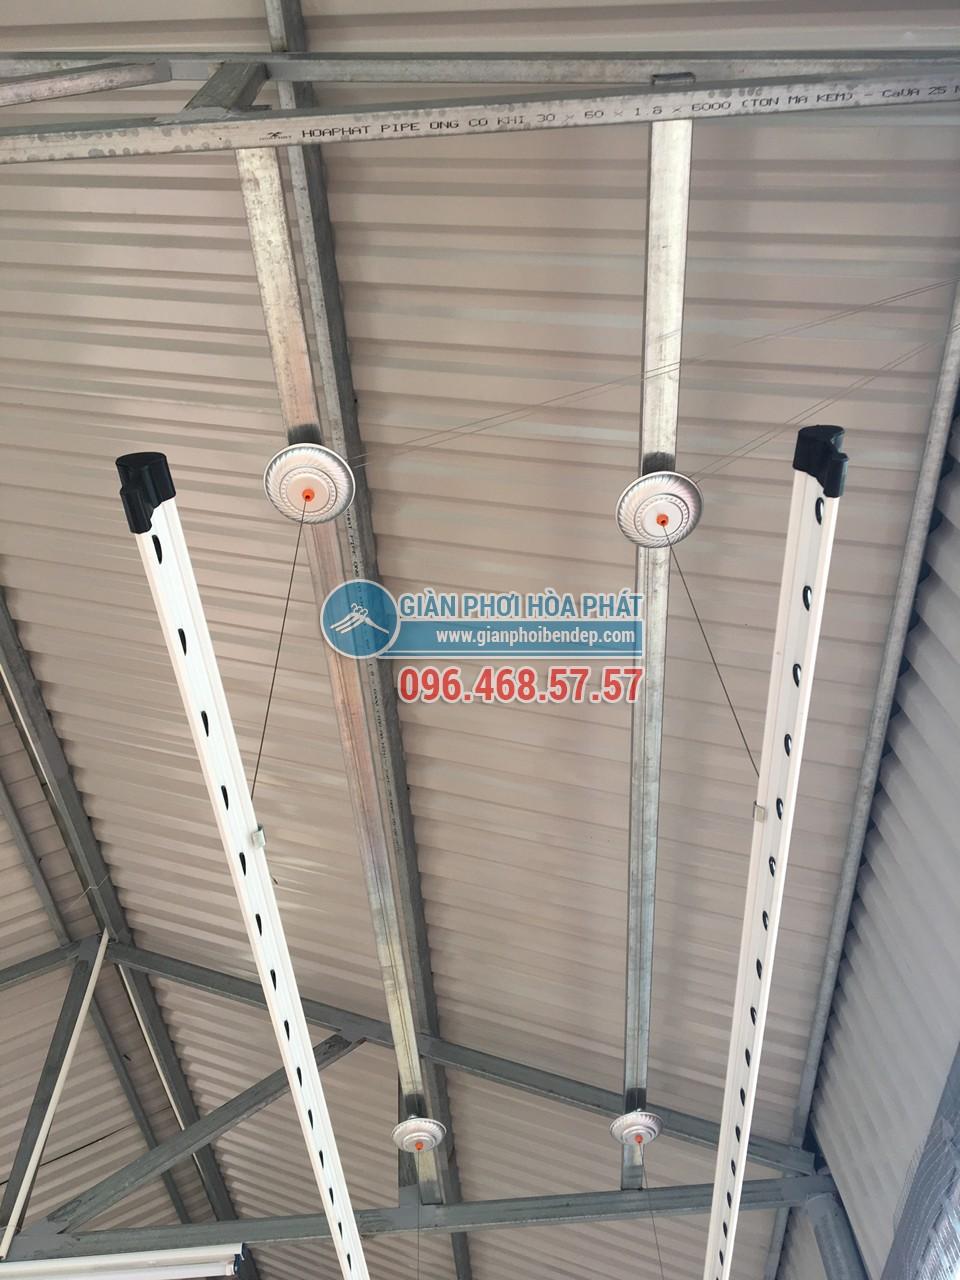 Giải pháp lắp đặt giàn phơi thông minh cho trần mái tôn - 03